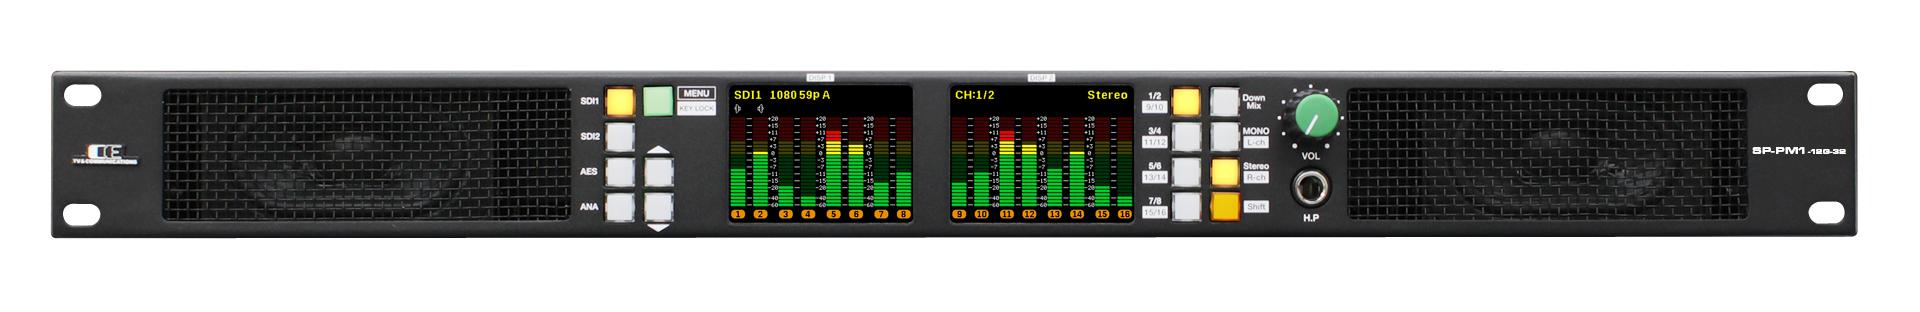 SP-PM1-12G-32_F